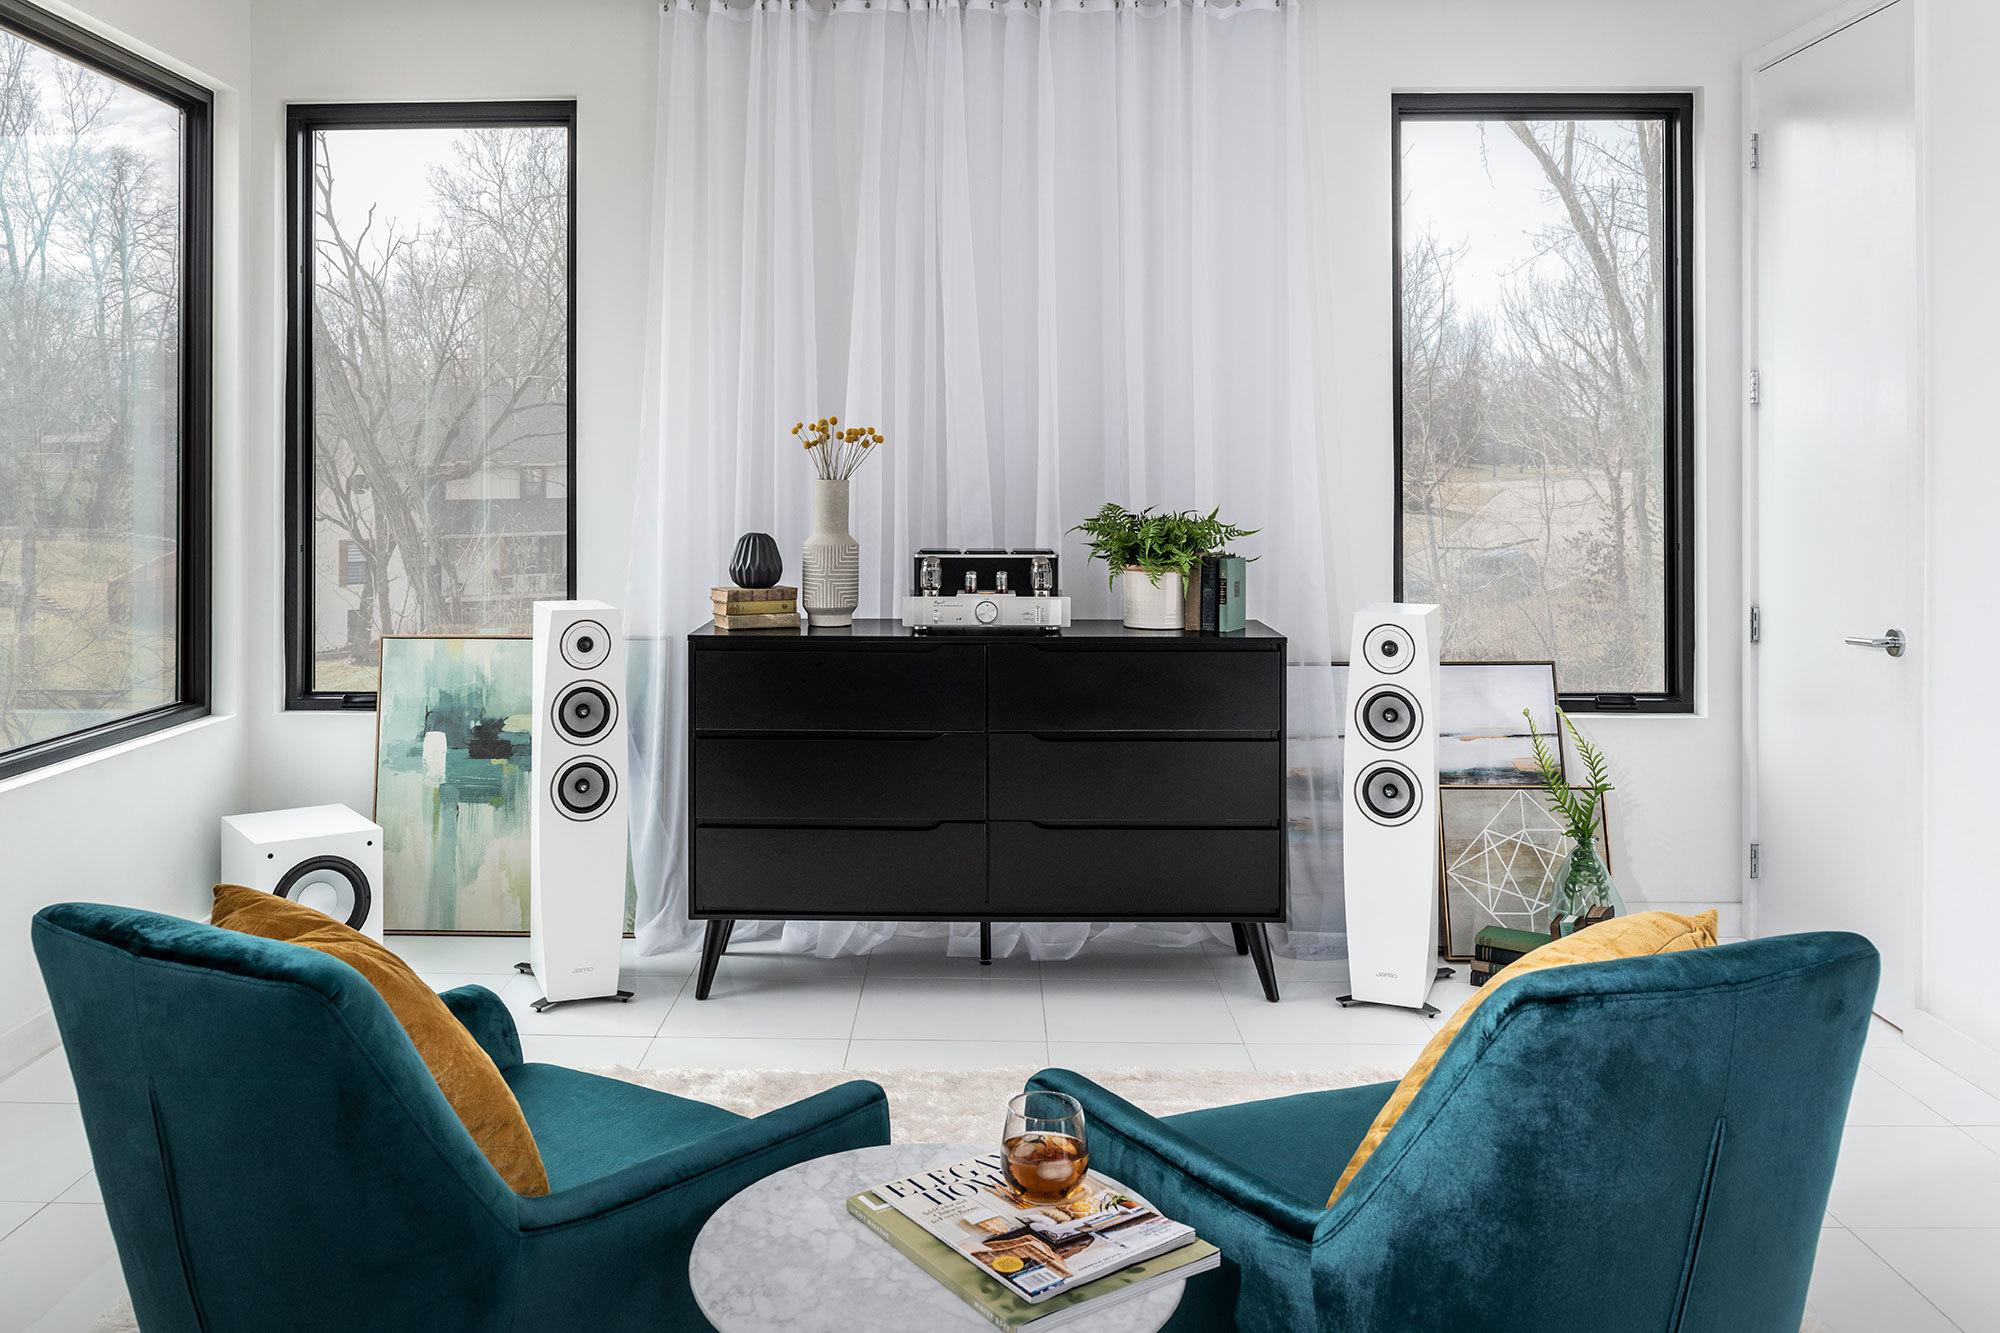 Jamo Concert9 II living room